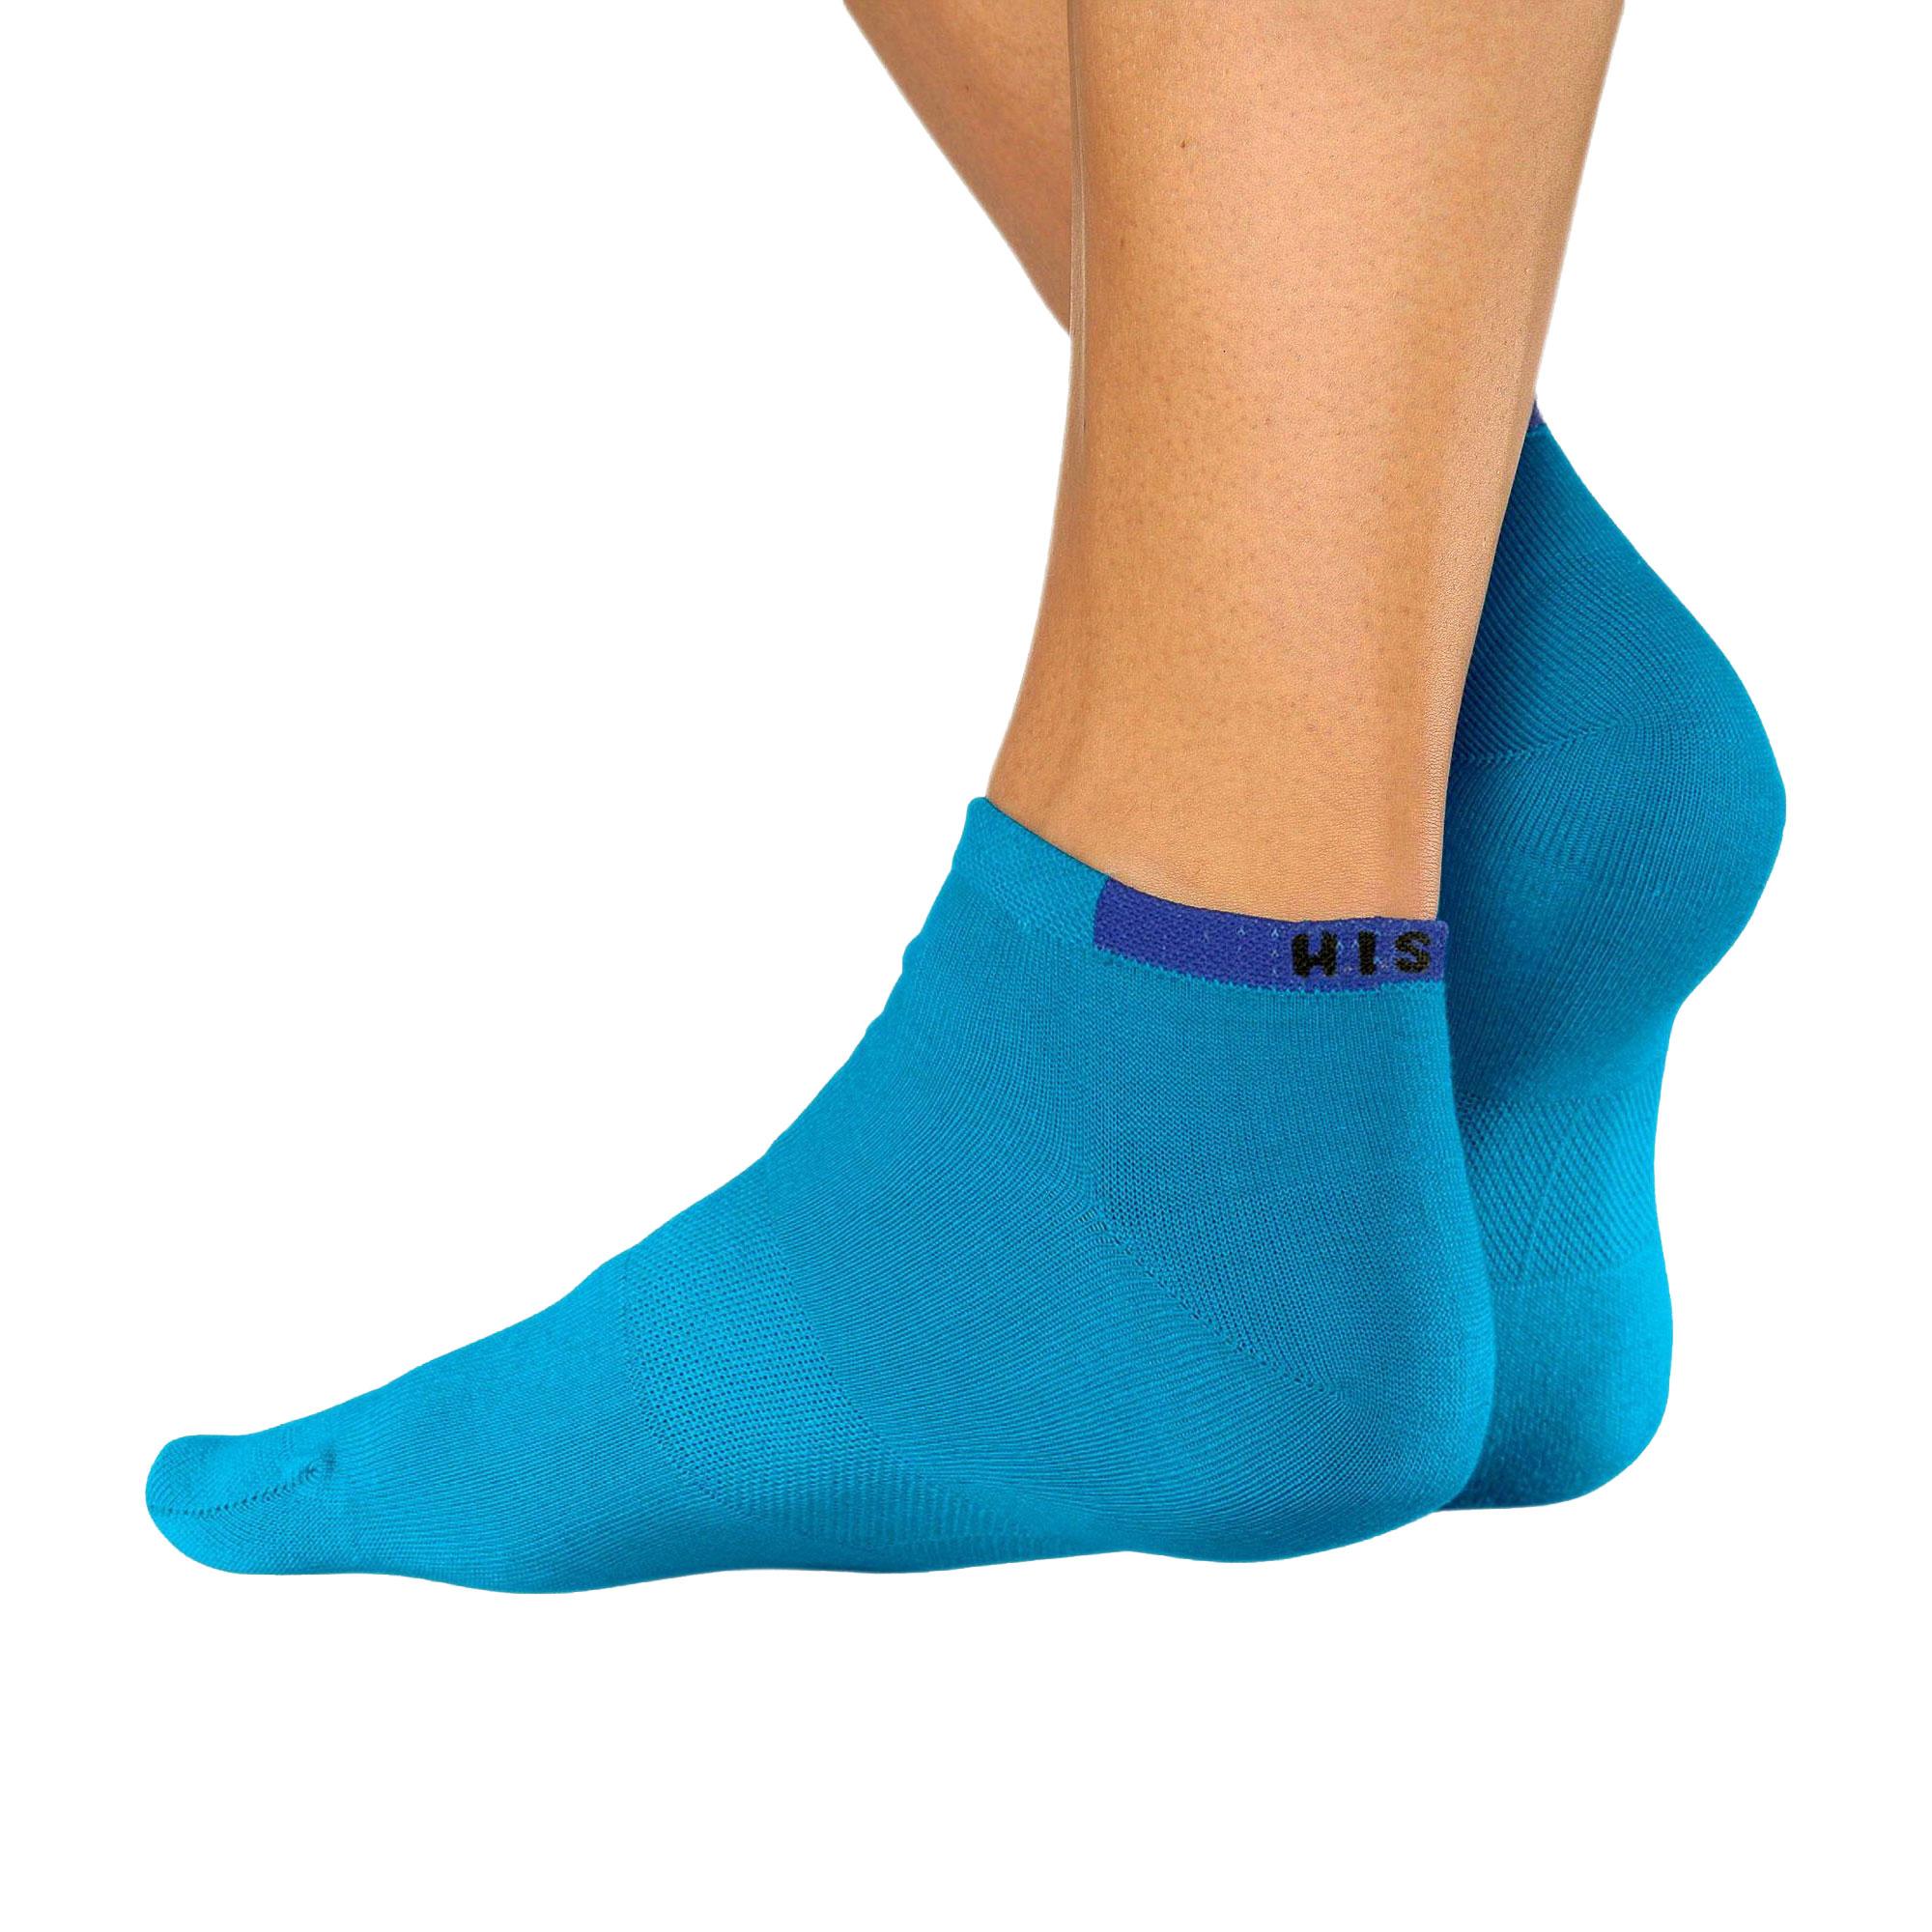 HIS Sneaker, Socken, Unisex, 10 Paar, verstärkte Belastungszonen – Bild 6